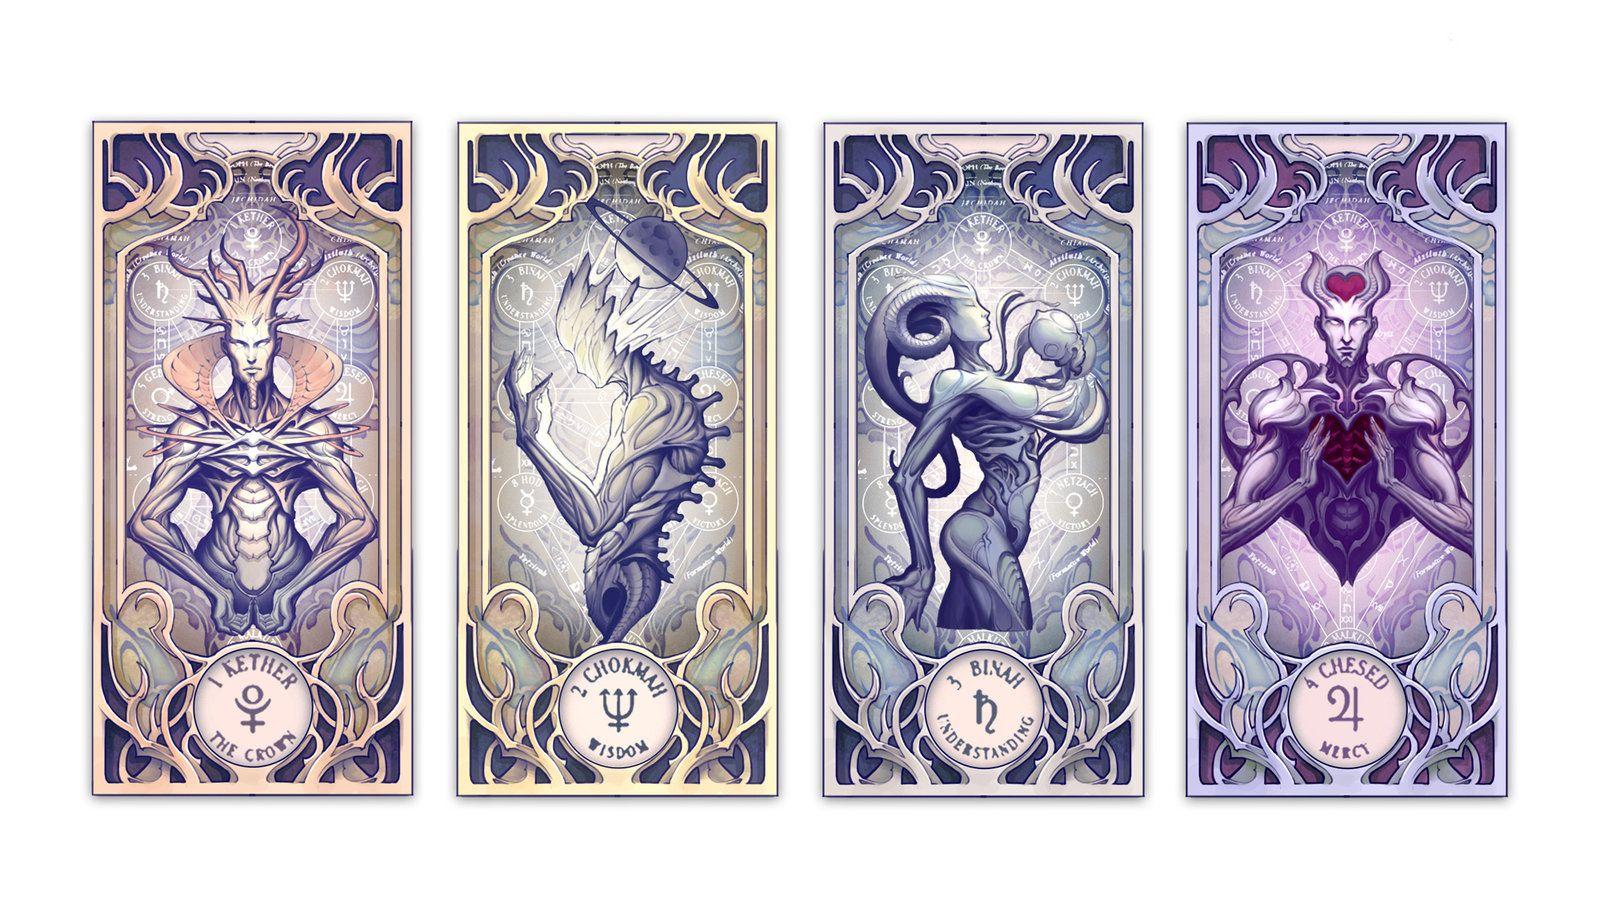 十分之四, sazen lee on ArtStation at https://www.artstation.com/artwork/-4eacd779-5d89-4873-8aa8-f7a7f3d6771f